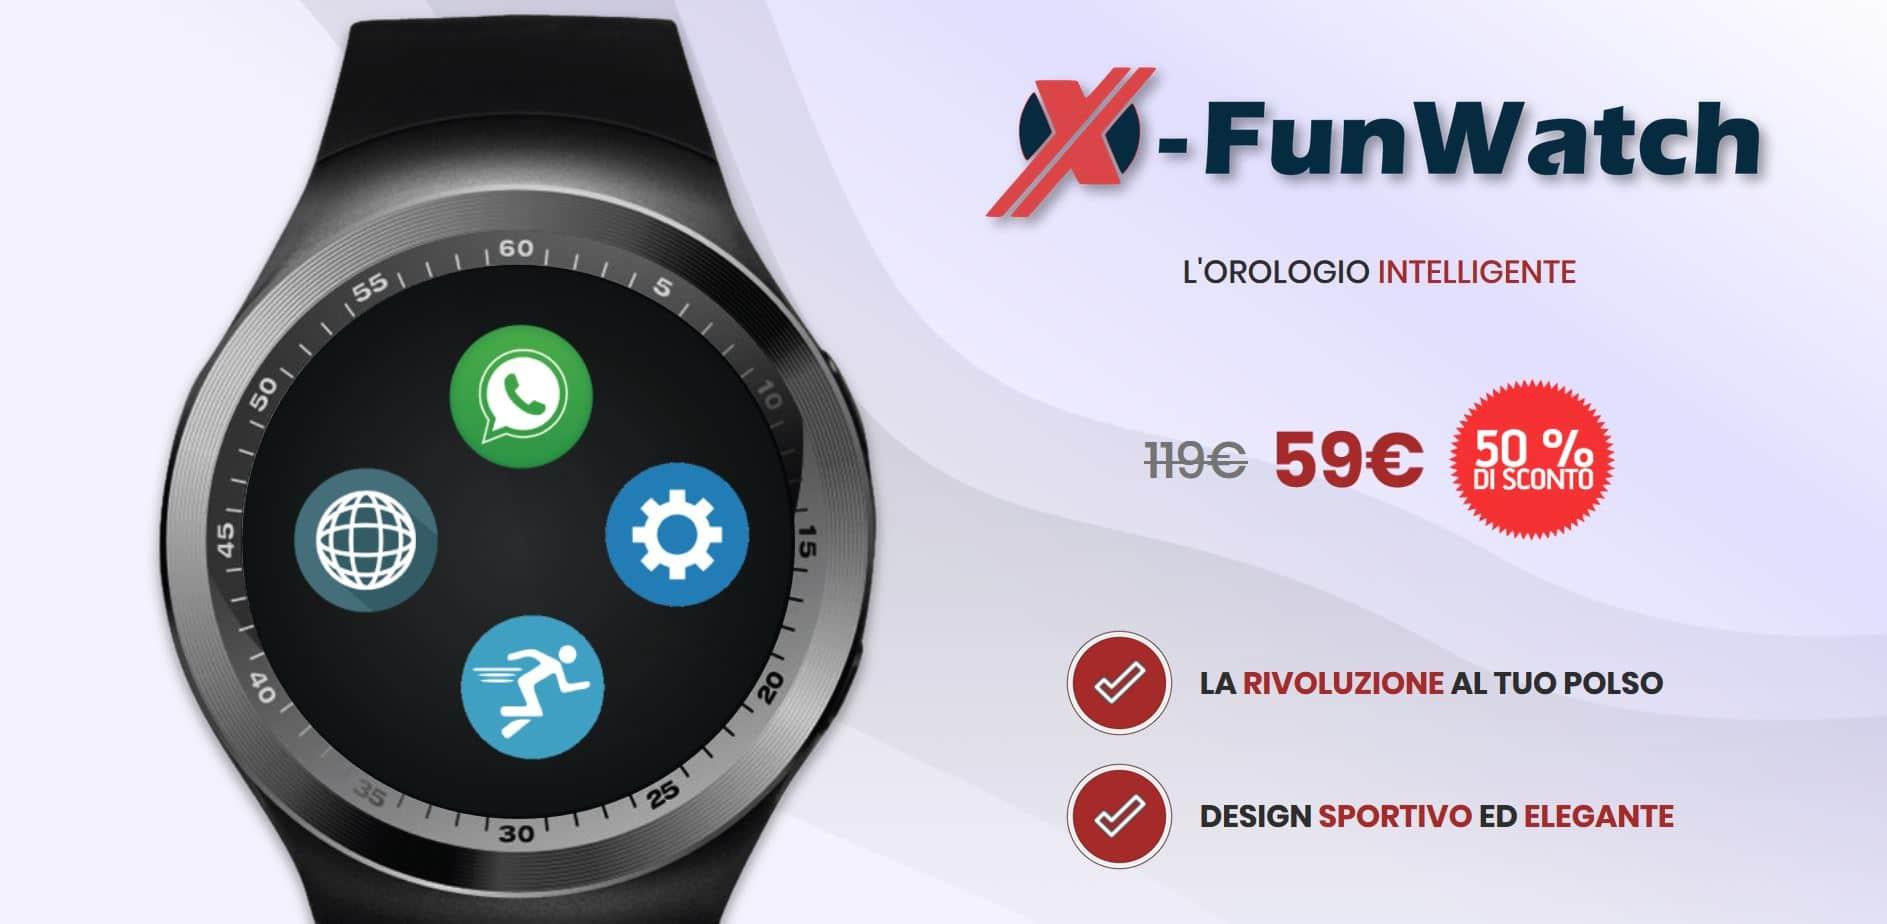 XFun Watch